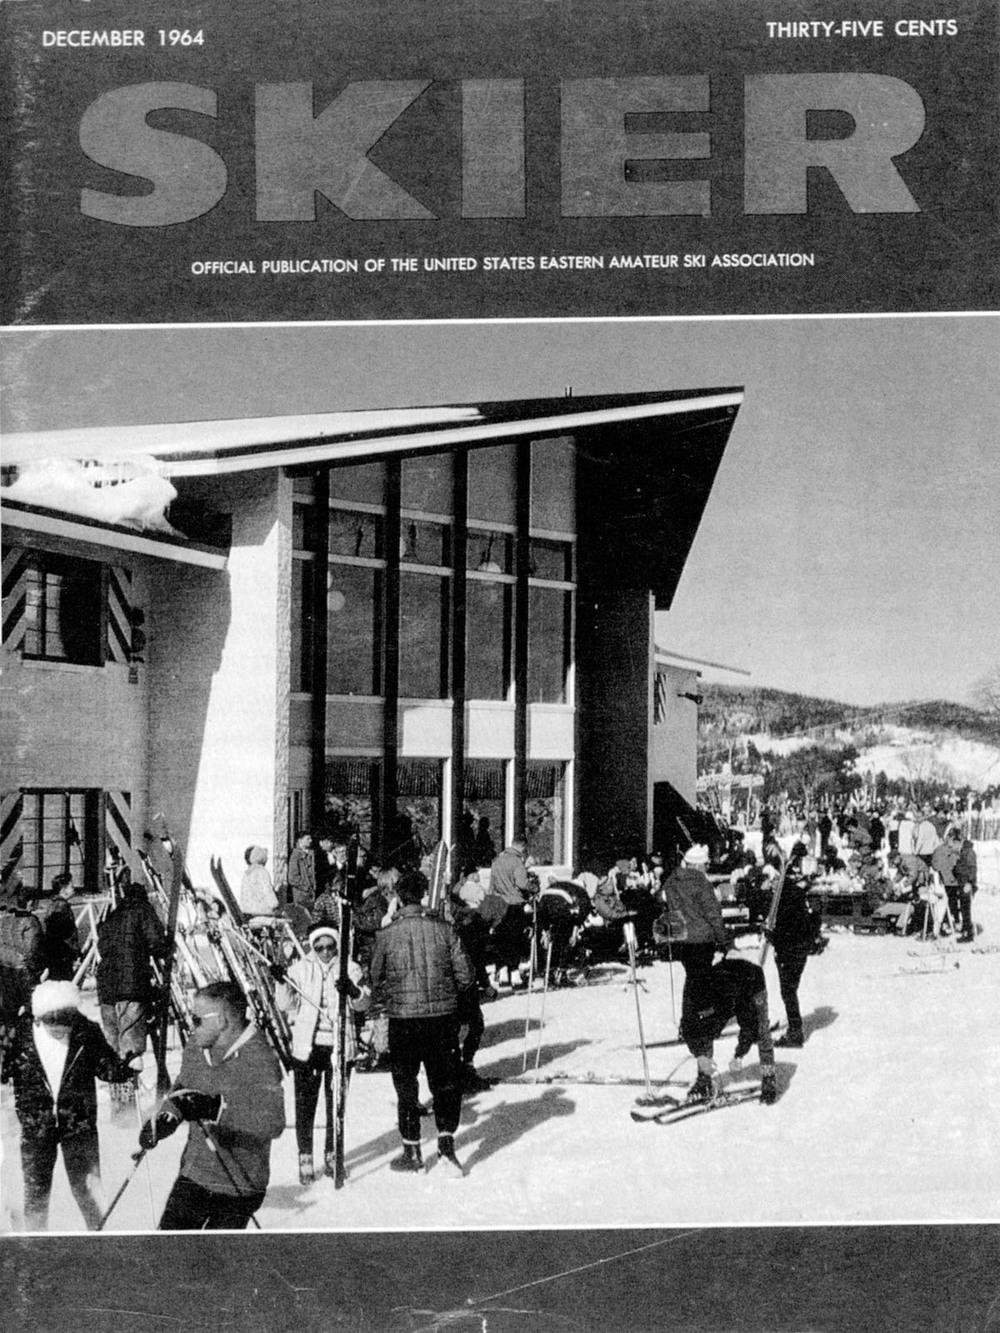 'Skier'magazine 1964